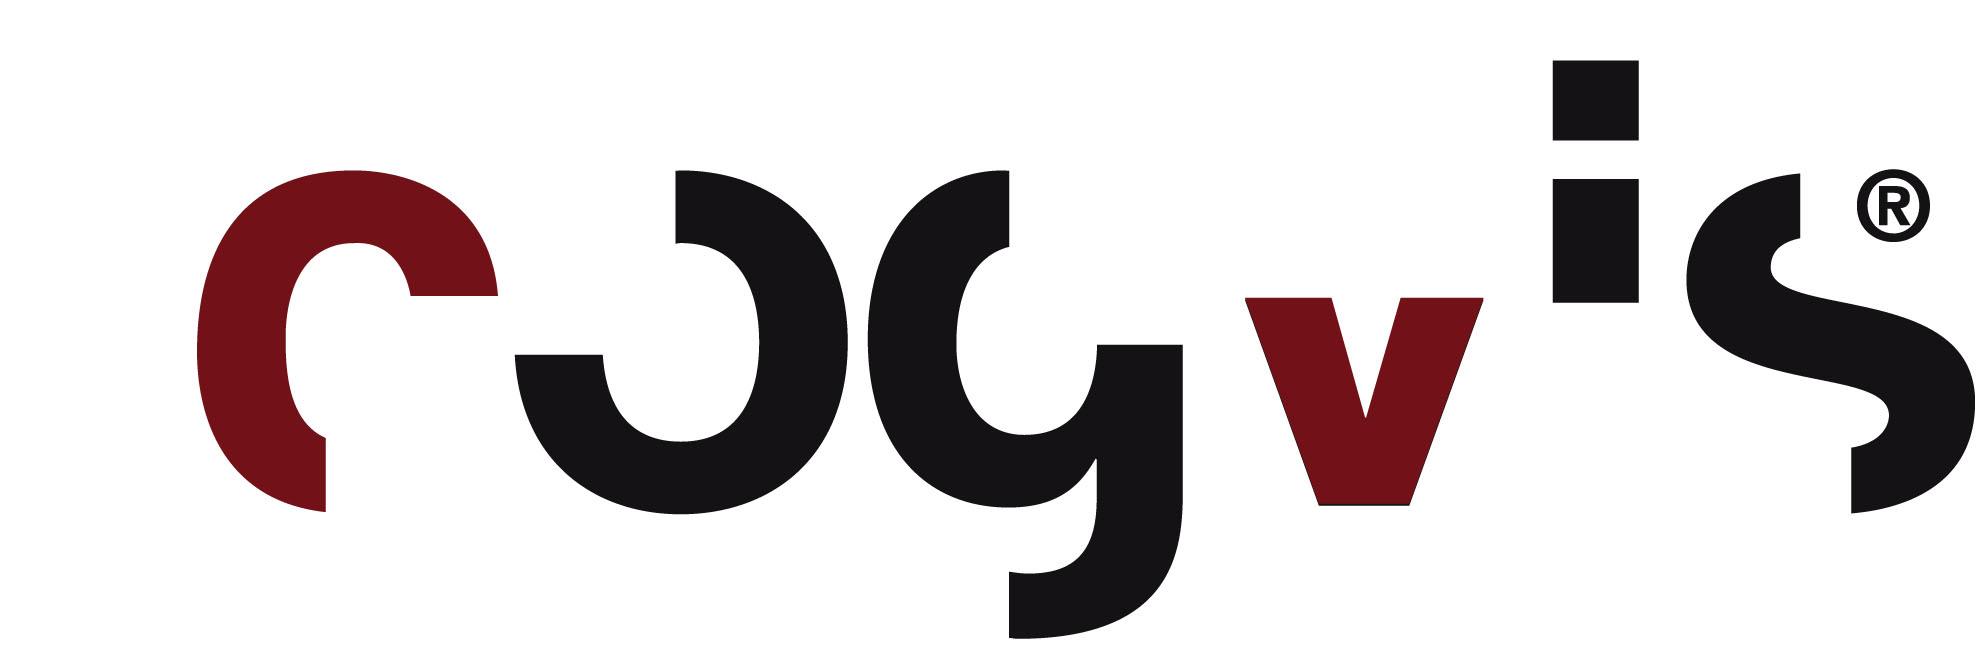 CogVis_logo